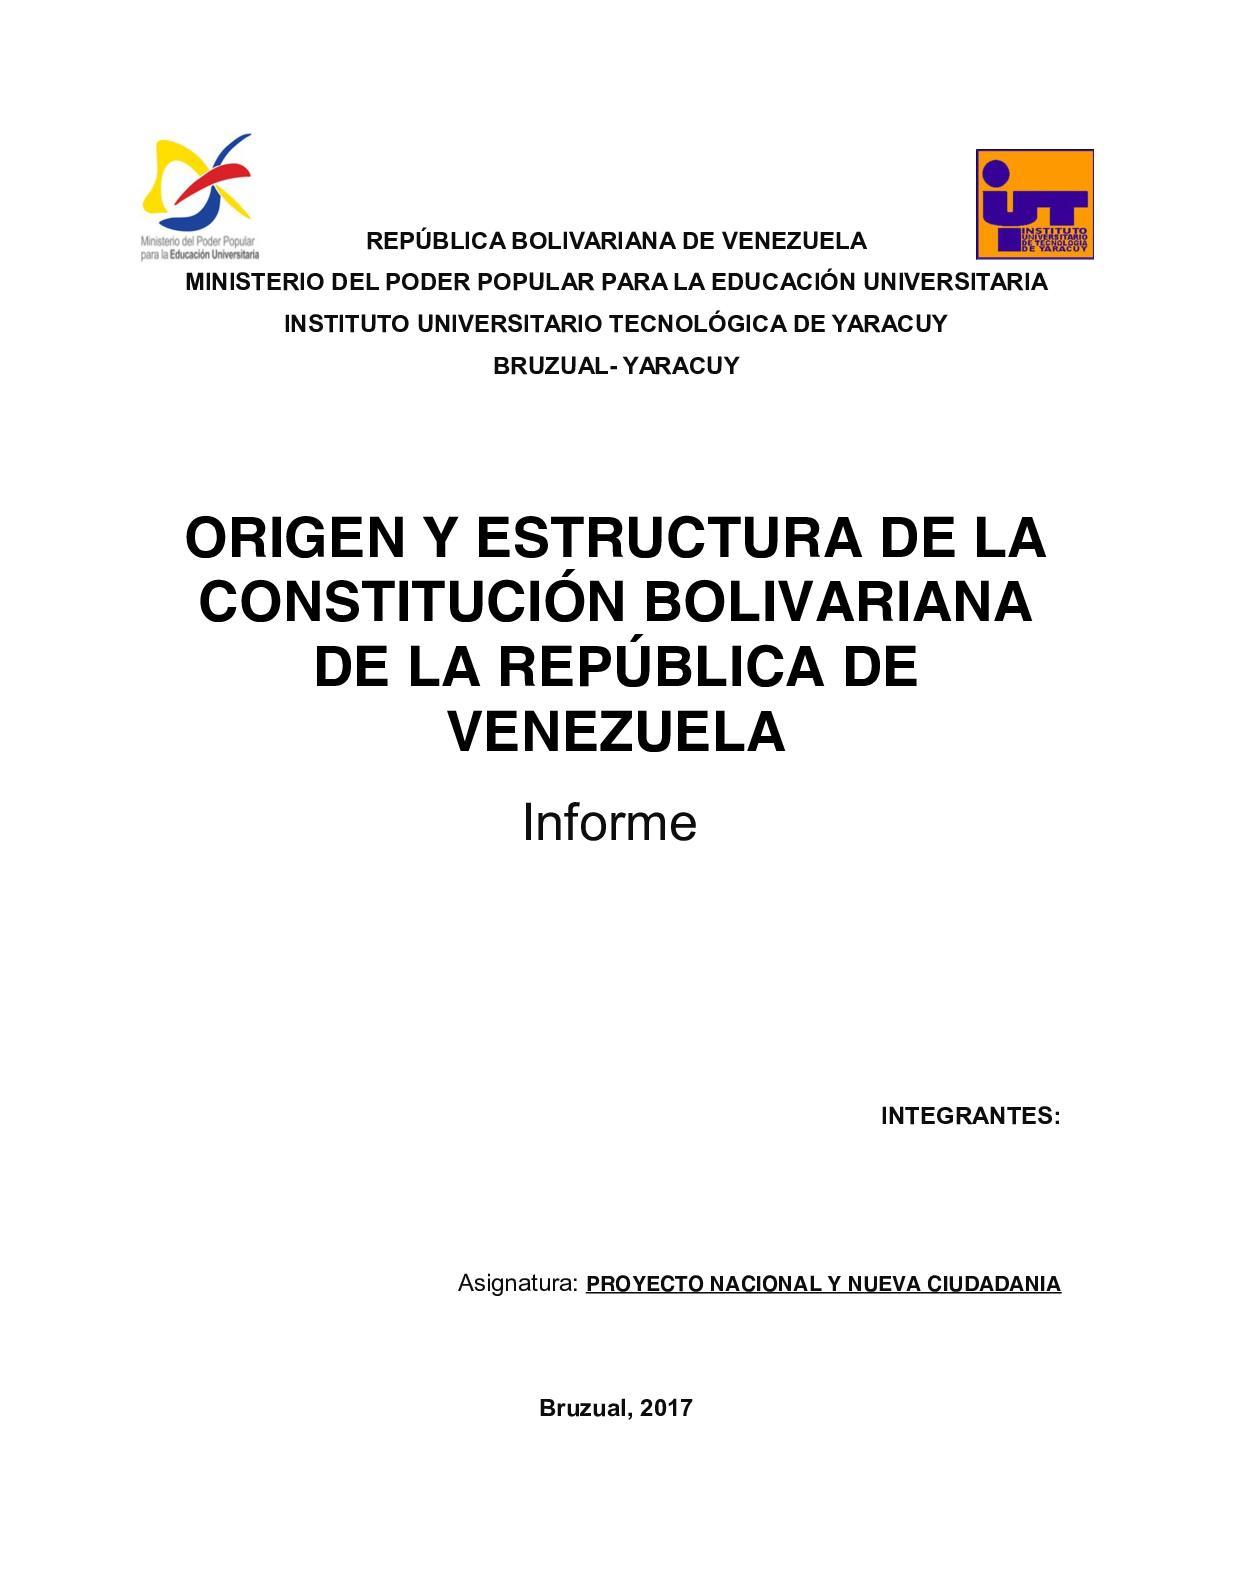 Calaméo Origen Y Estructura De La Constitución Bolivariana